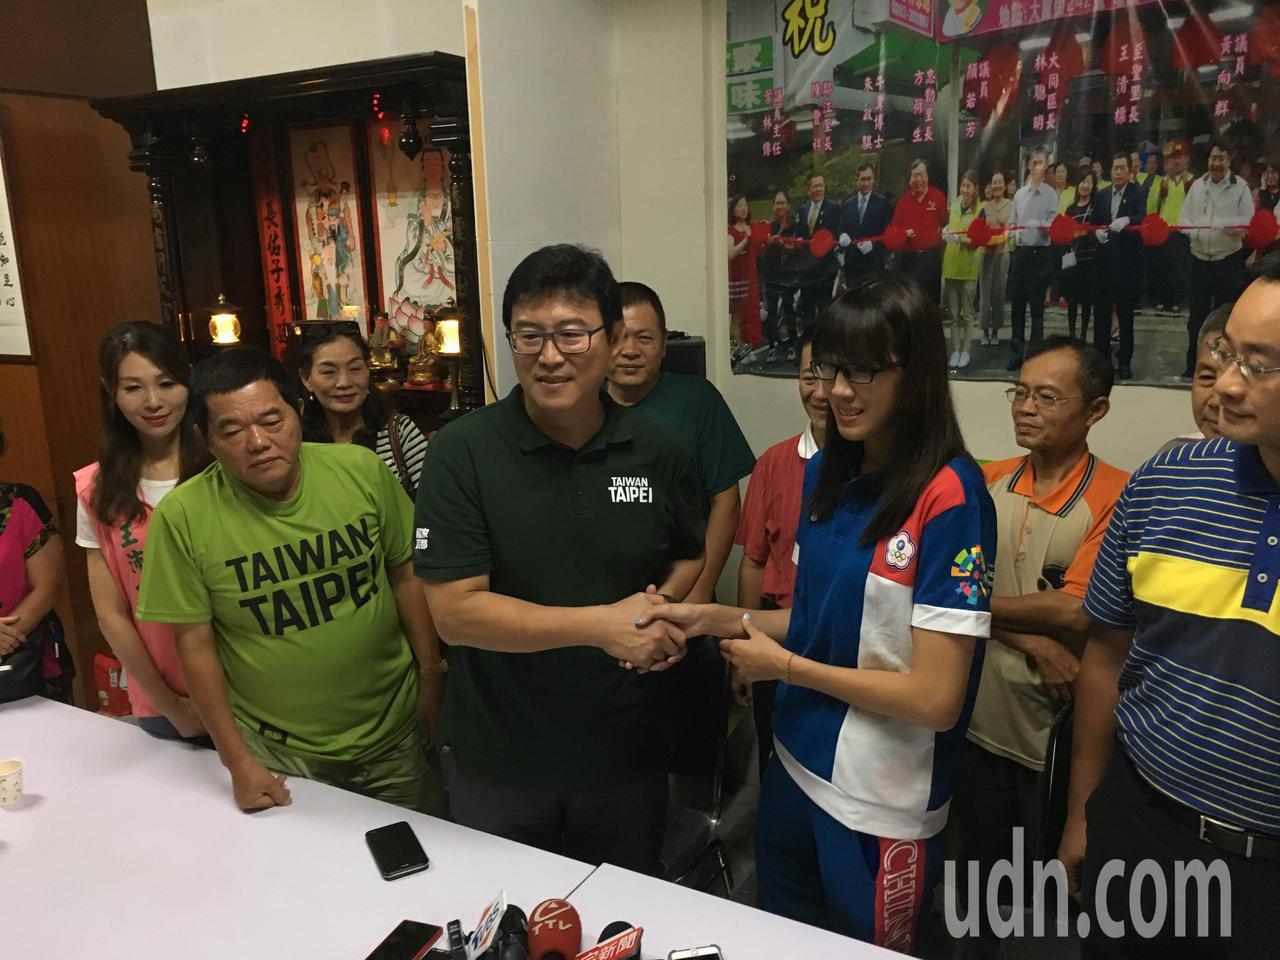 民進黨台北市長參選人姚文智今天拜訪亞運女子拳擊銅牌得主黃筱。記者張世杰/攝影